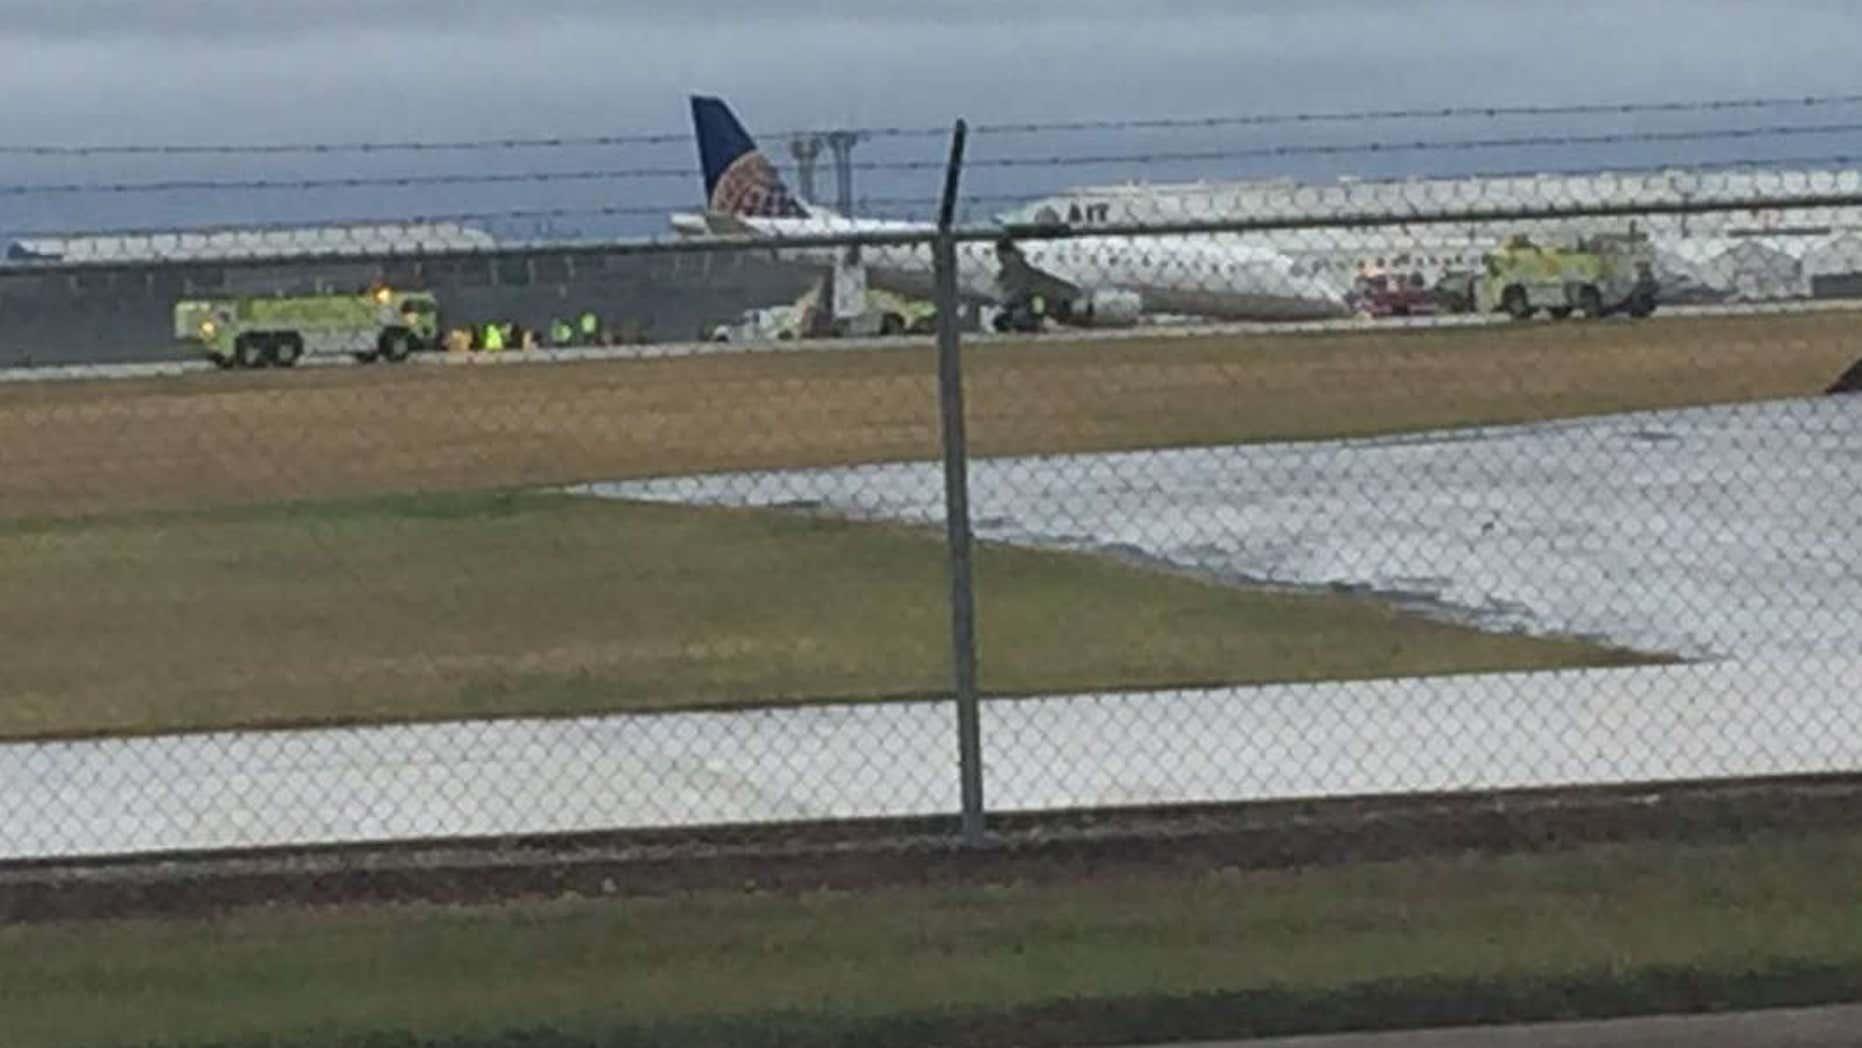 Plane Landing Gear Collapses On Landing At San Antonio